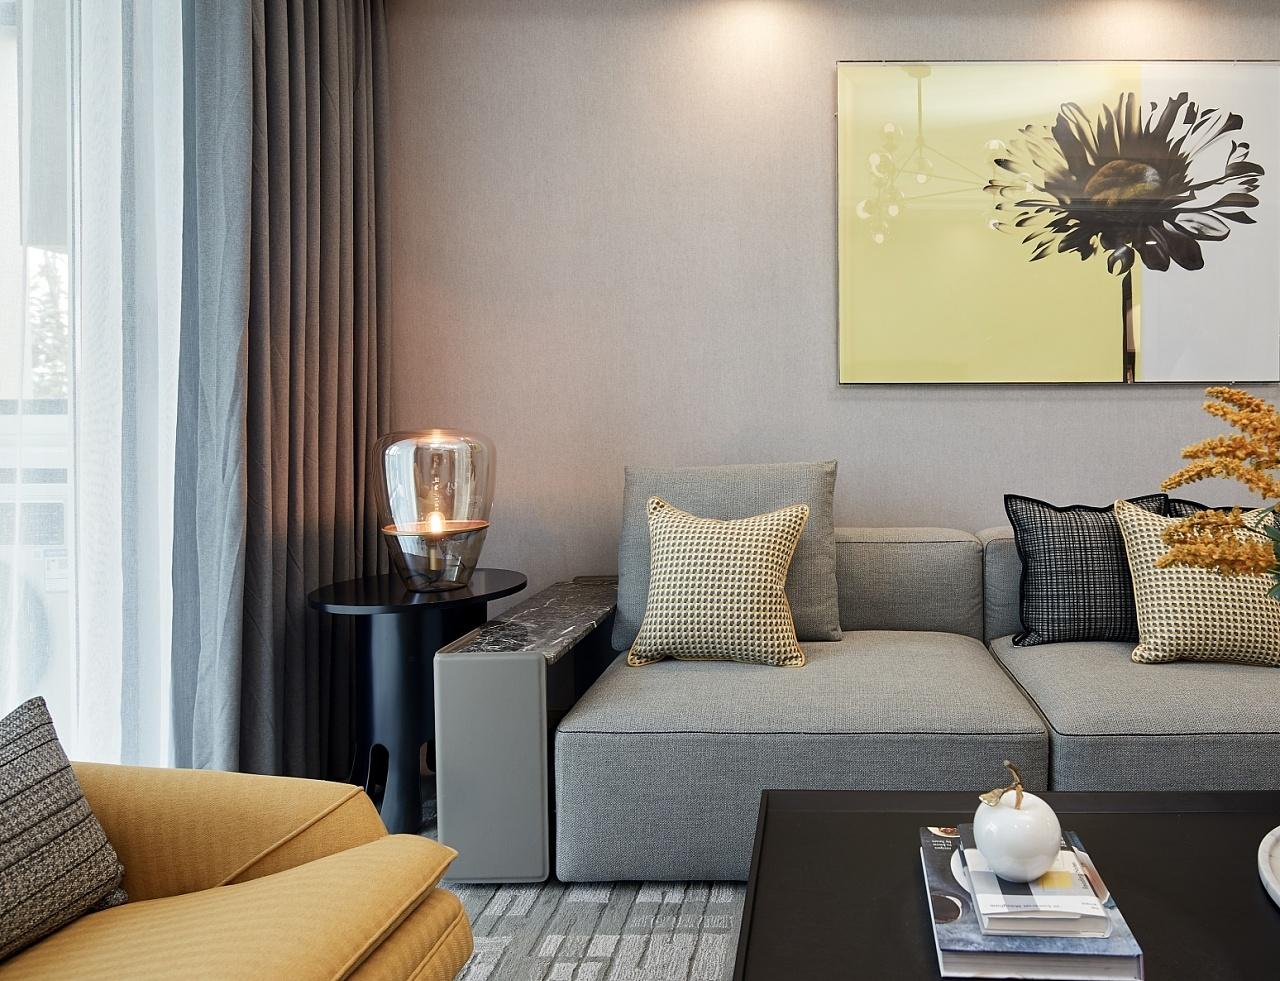 80㎡现代简约沙发墙装修效果图